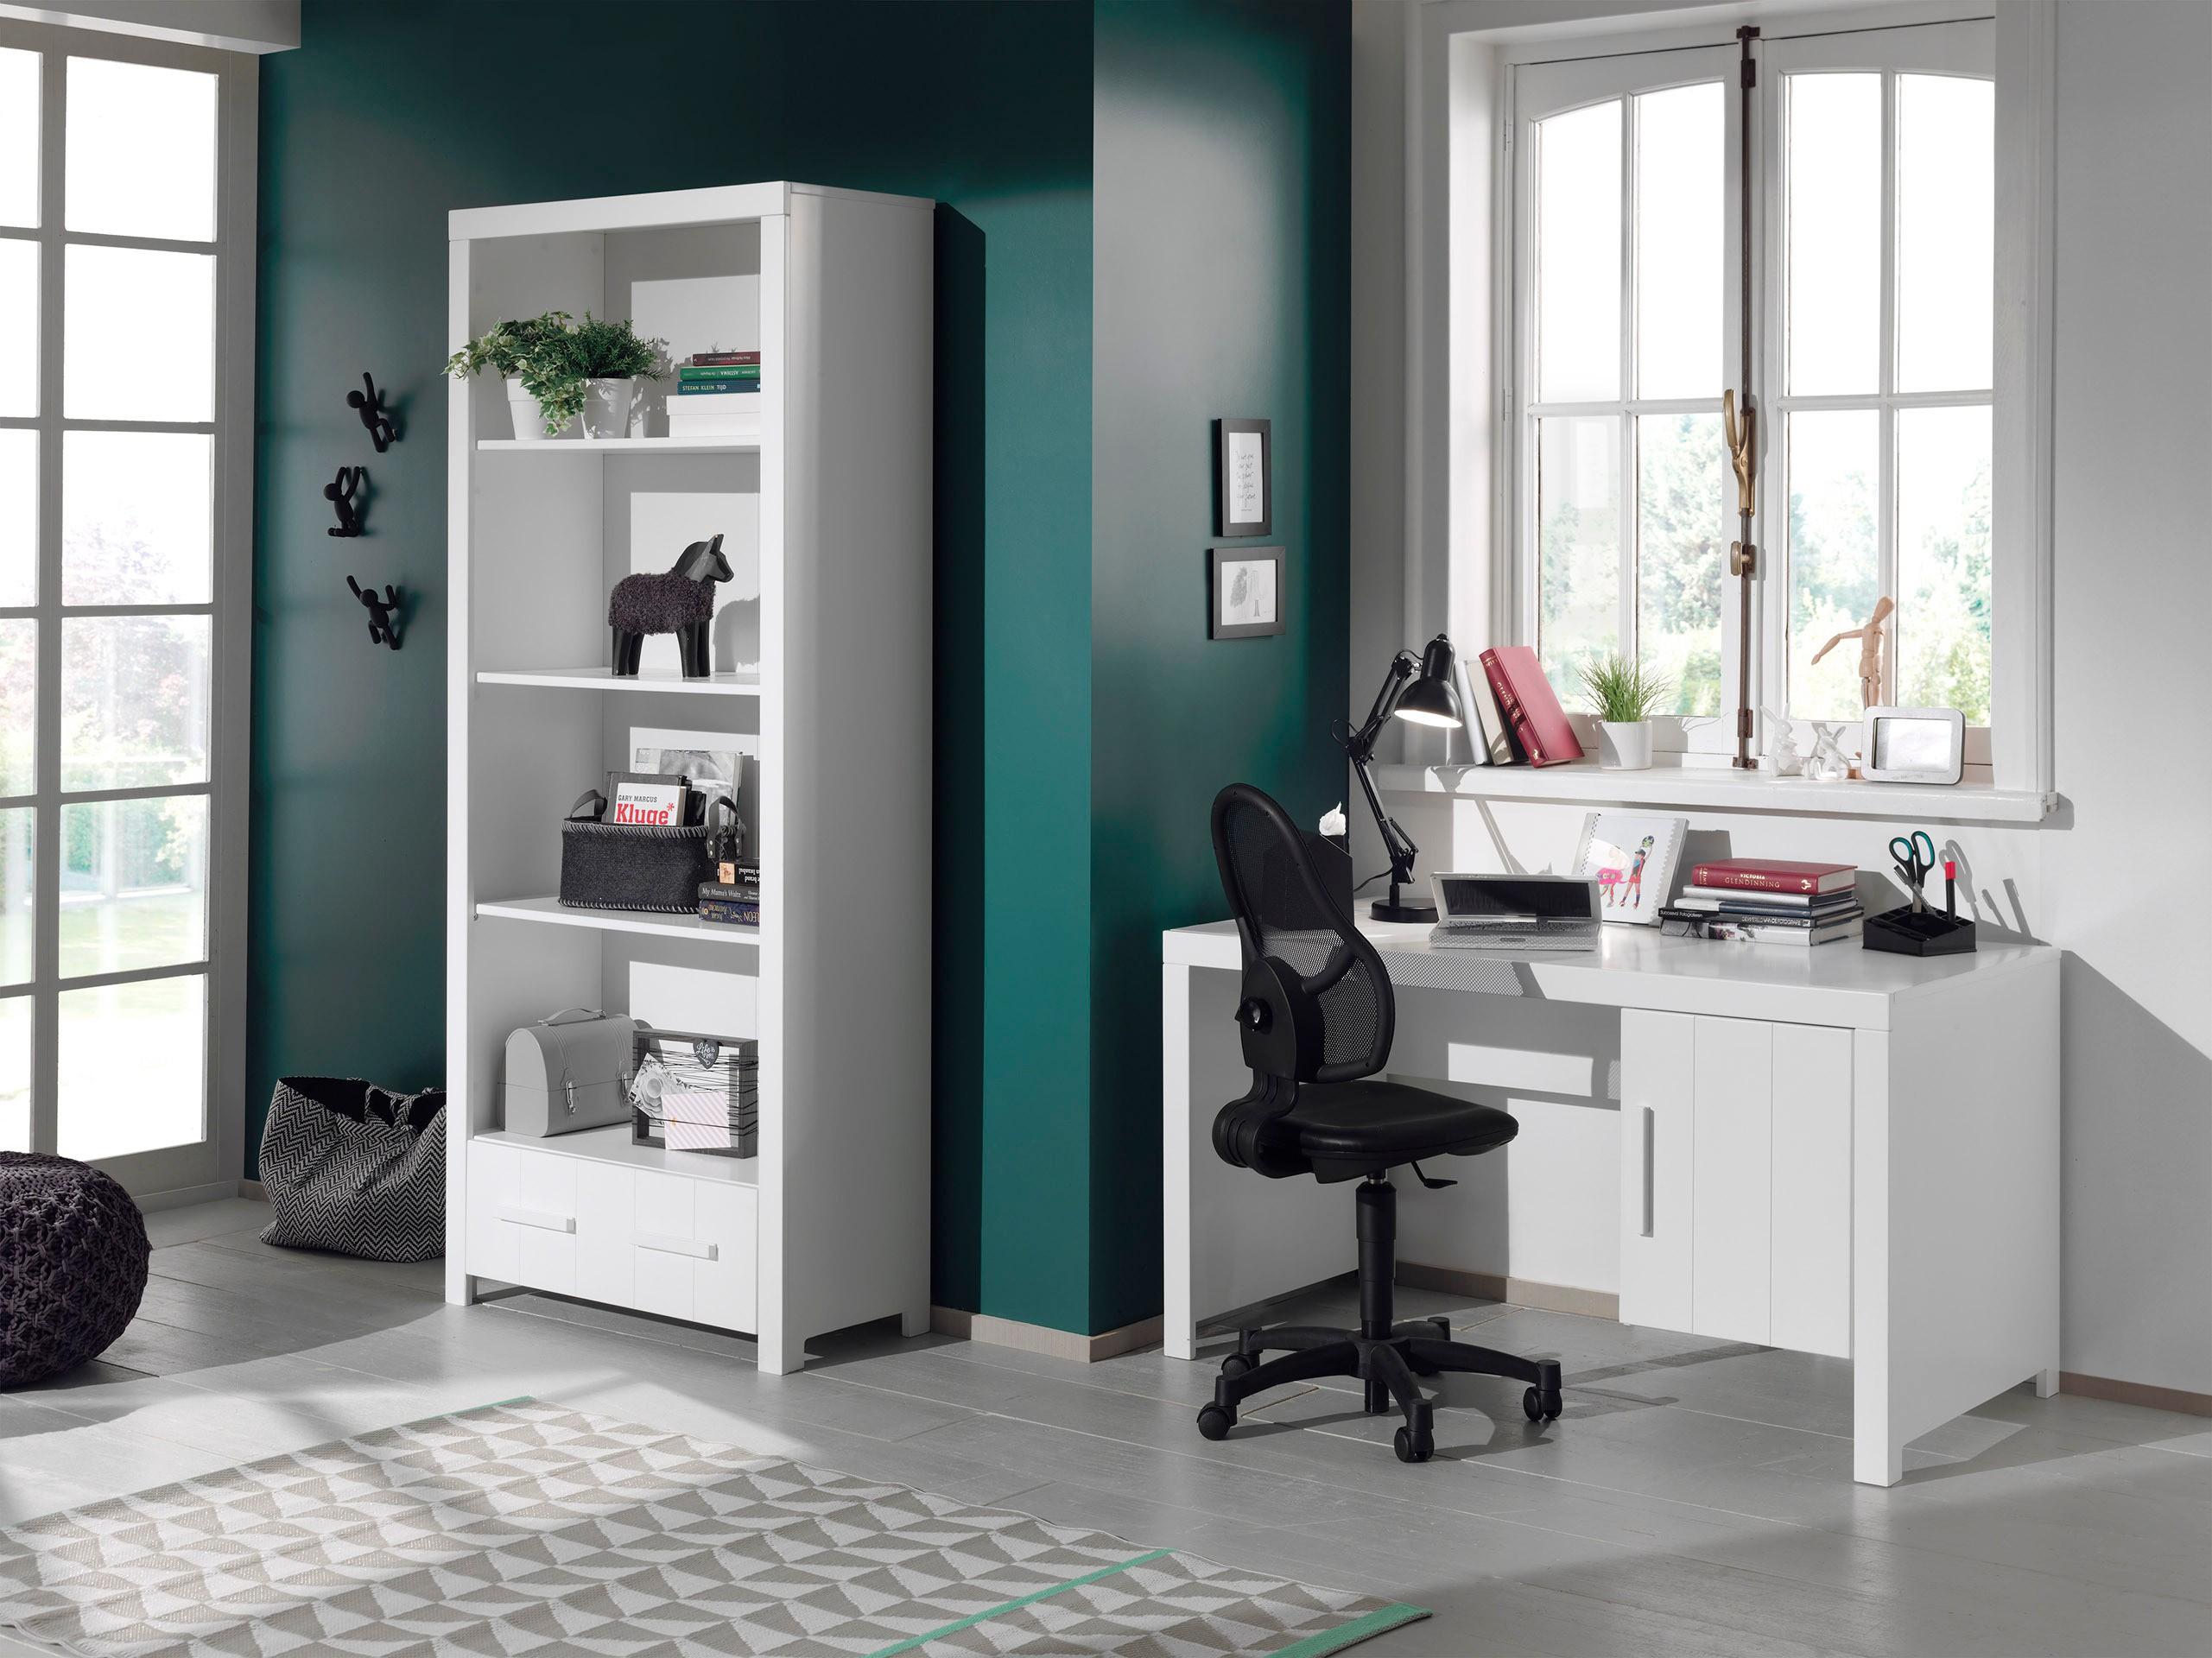 regal erik 1 schublade 4 f cher wei kinder. Black Bedroom Furniture Sets. Home Design Ideas